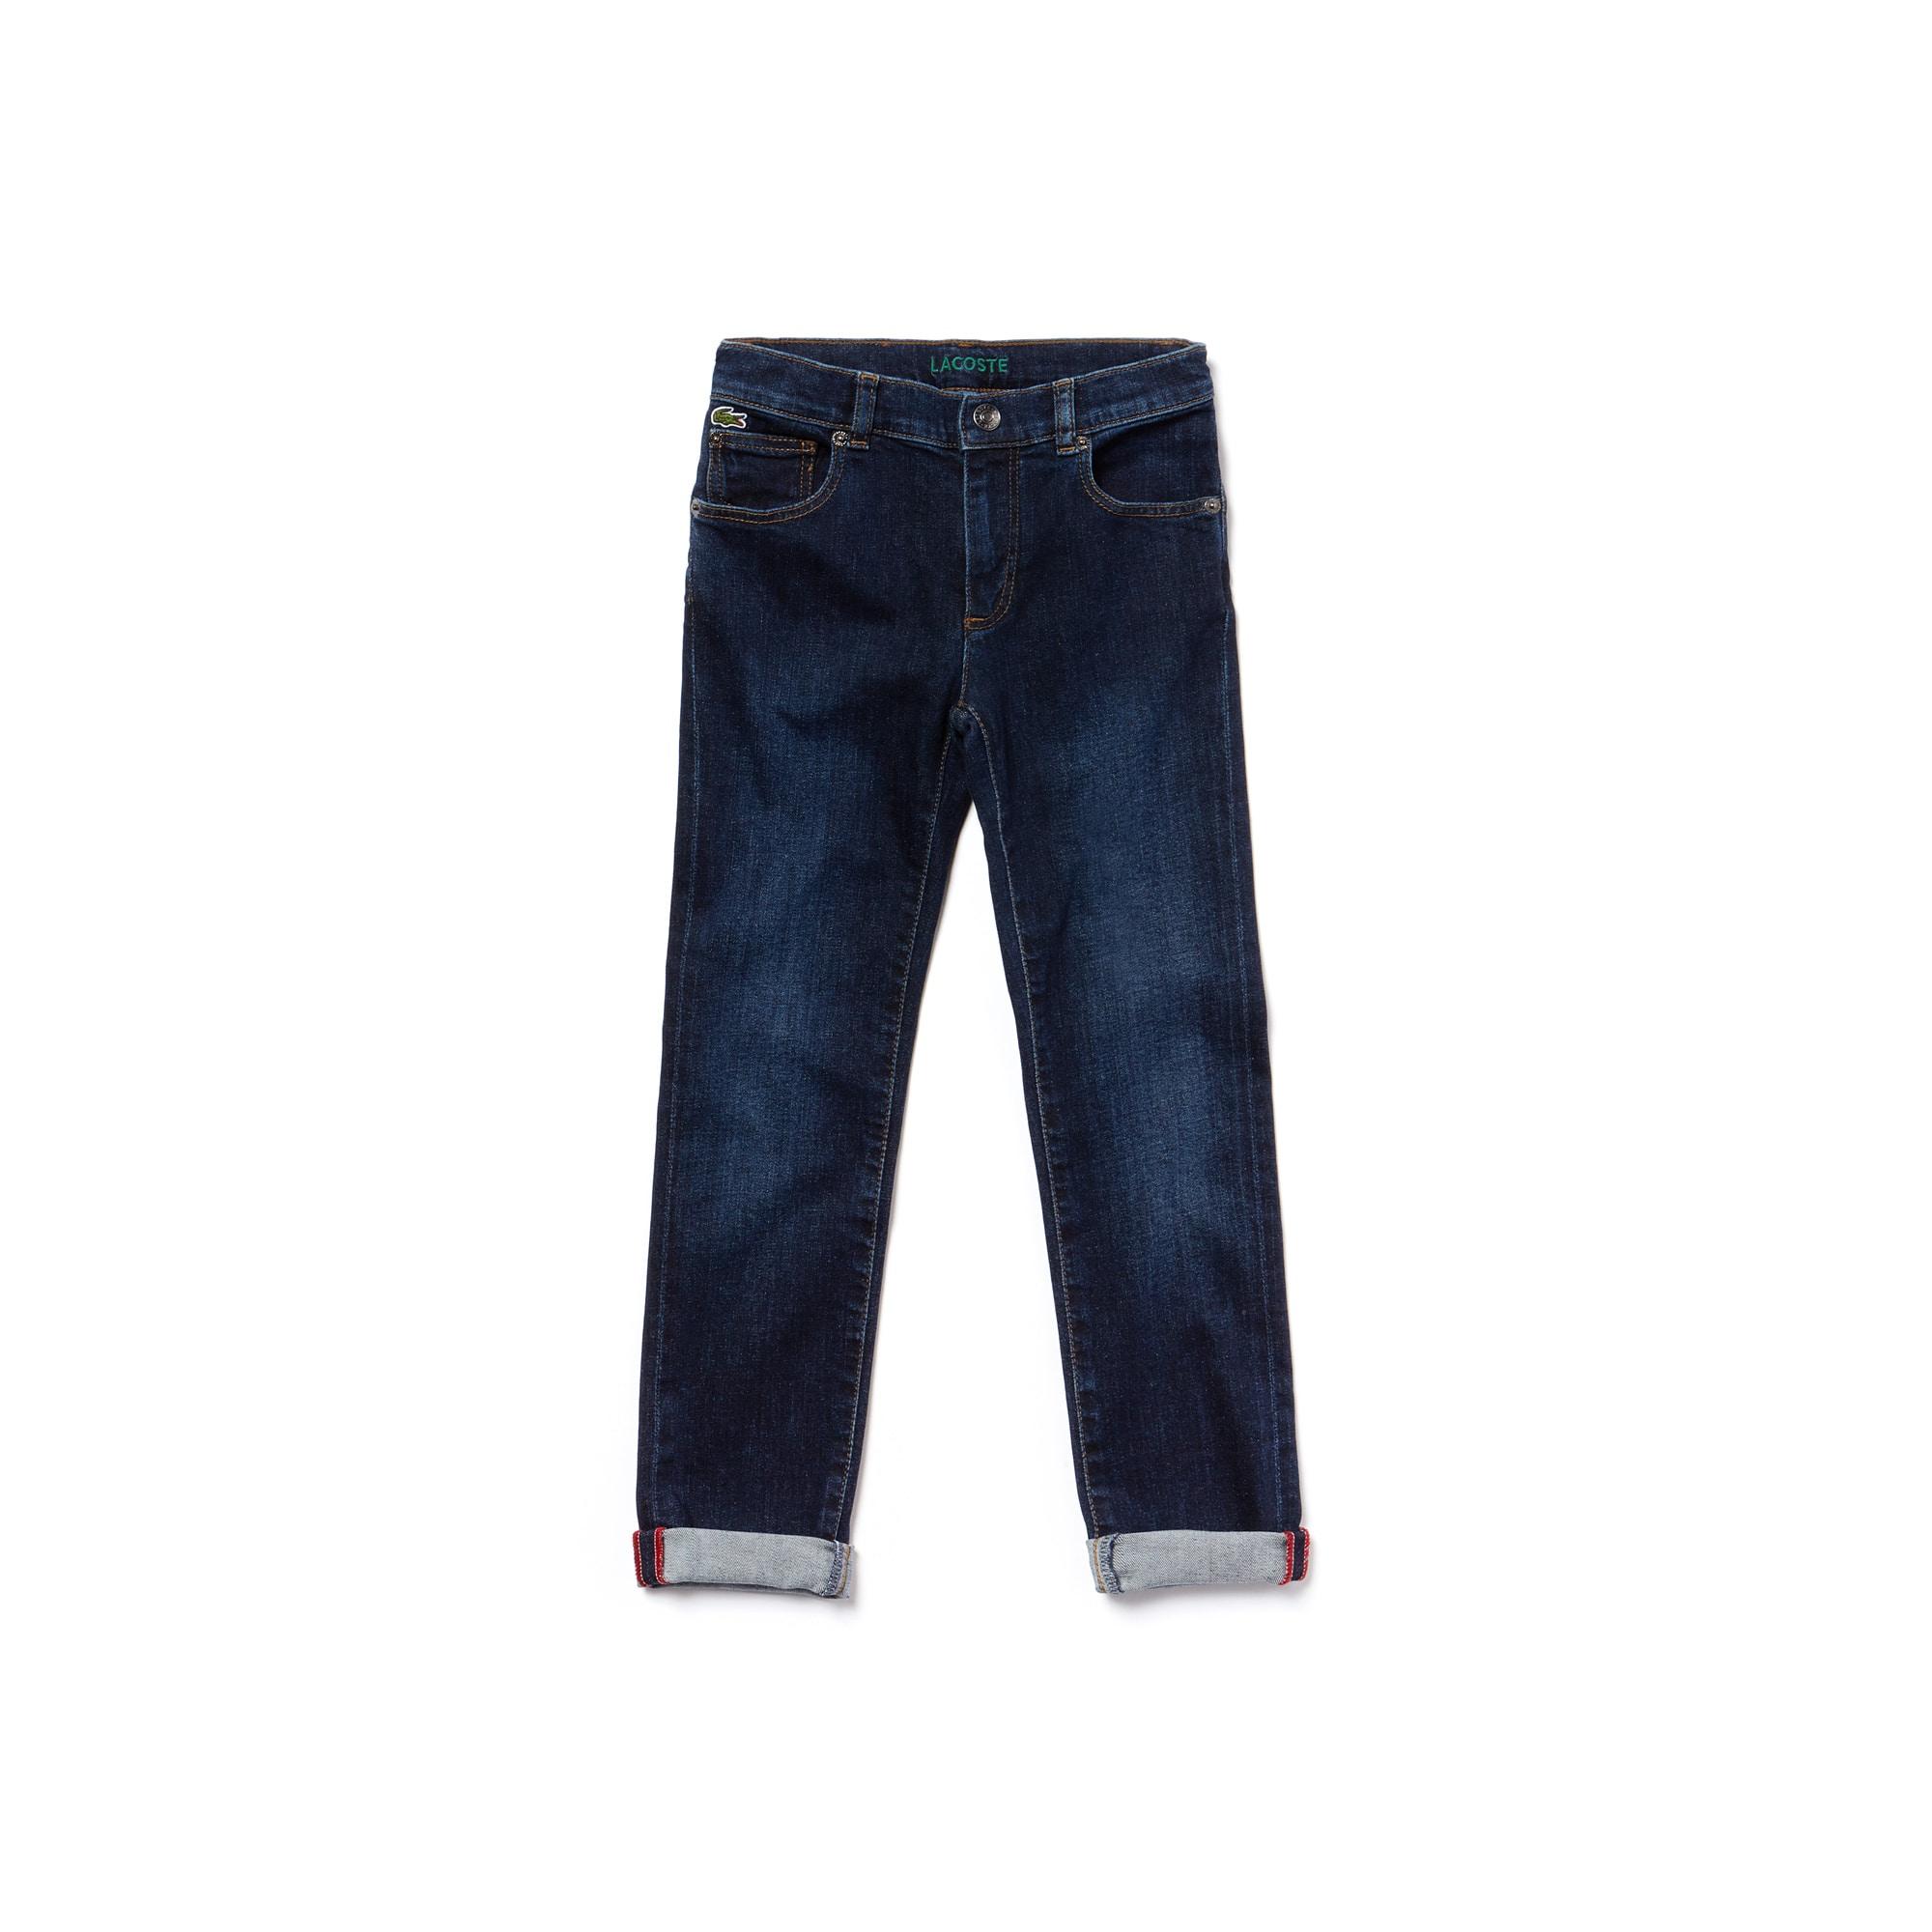 Baumwolldenim-Jeans im Chino-Schnitt